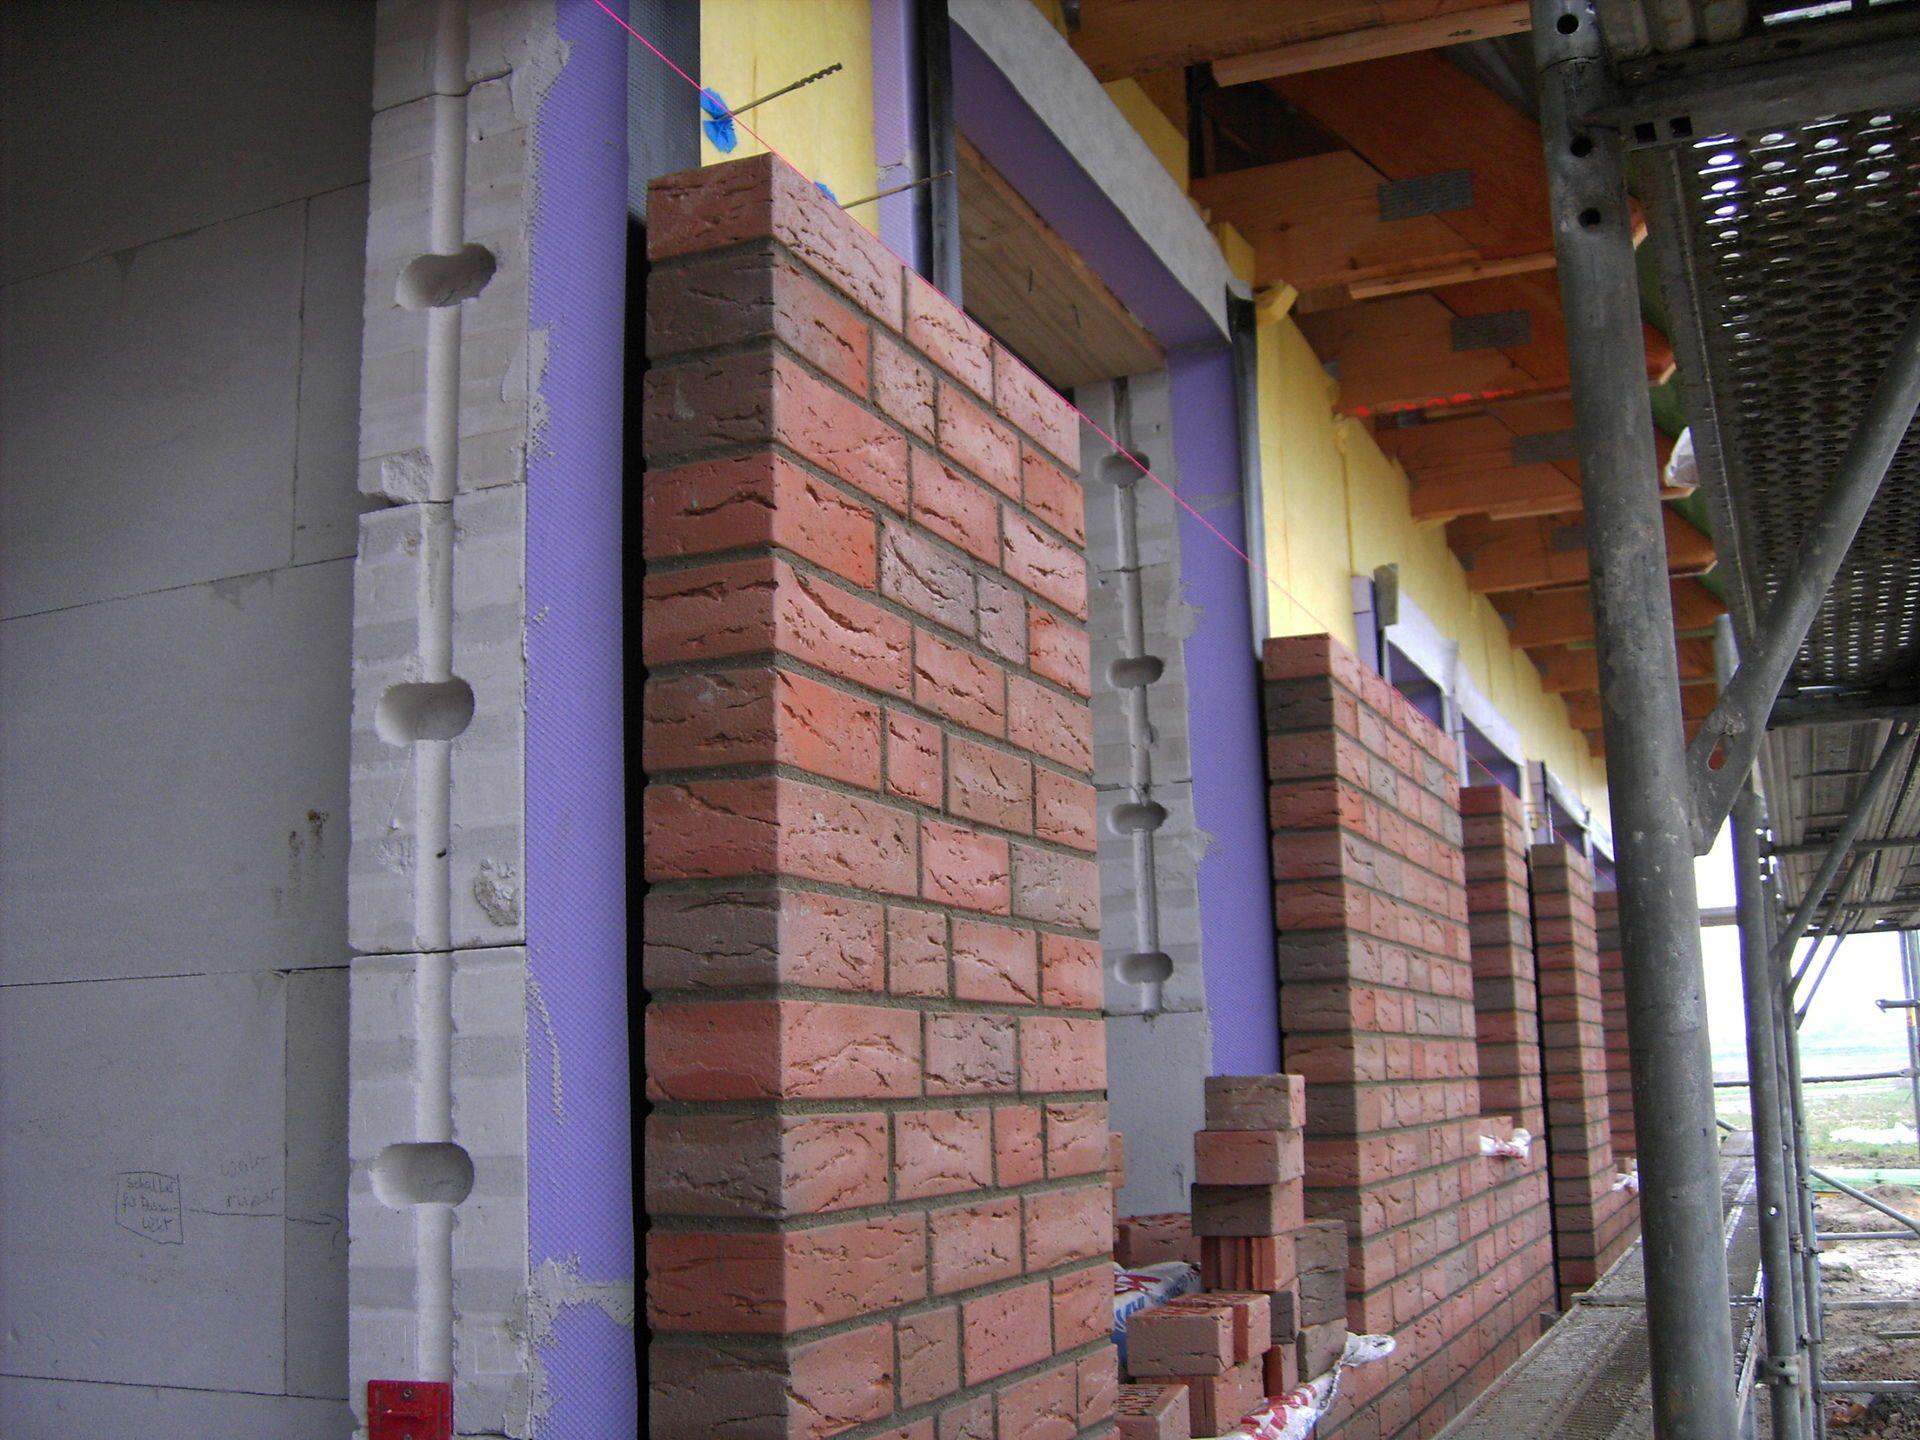 Bekannt Verblender und Klinker - schützende Hülle für das Haus - bauemotion.de EL74